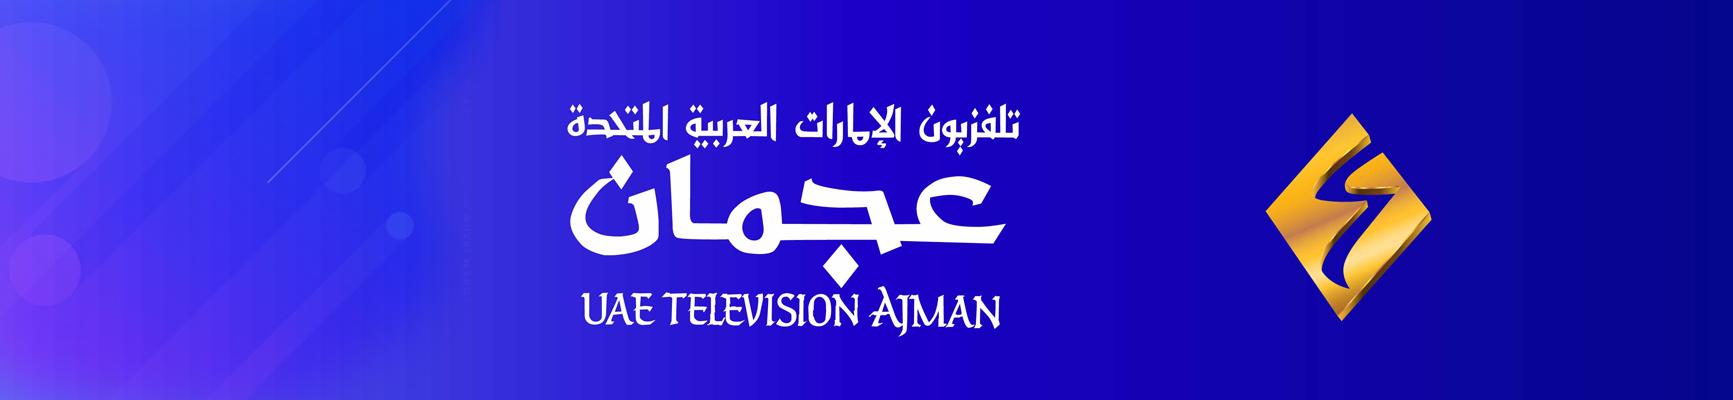 logo_header_1